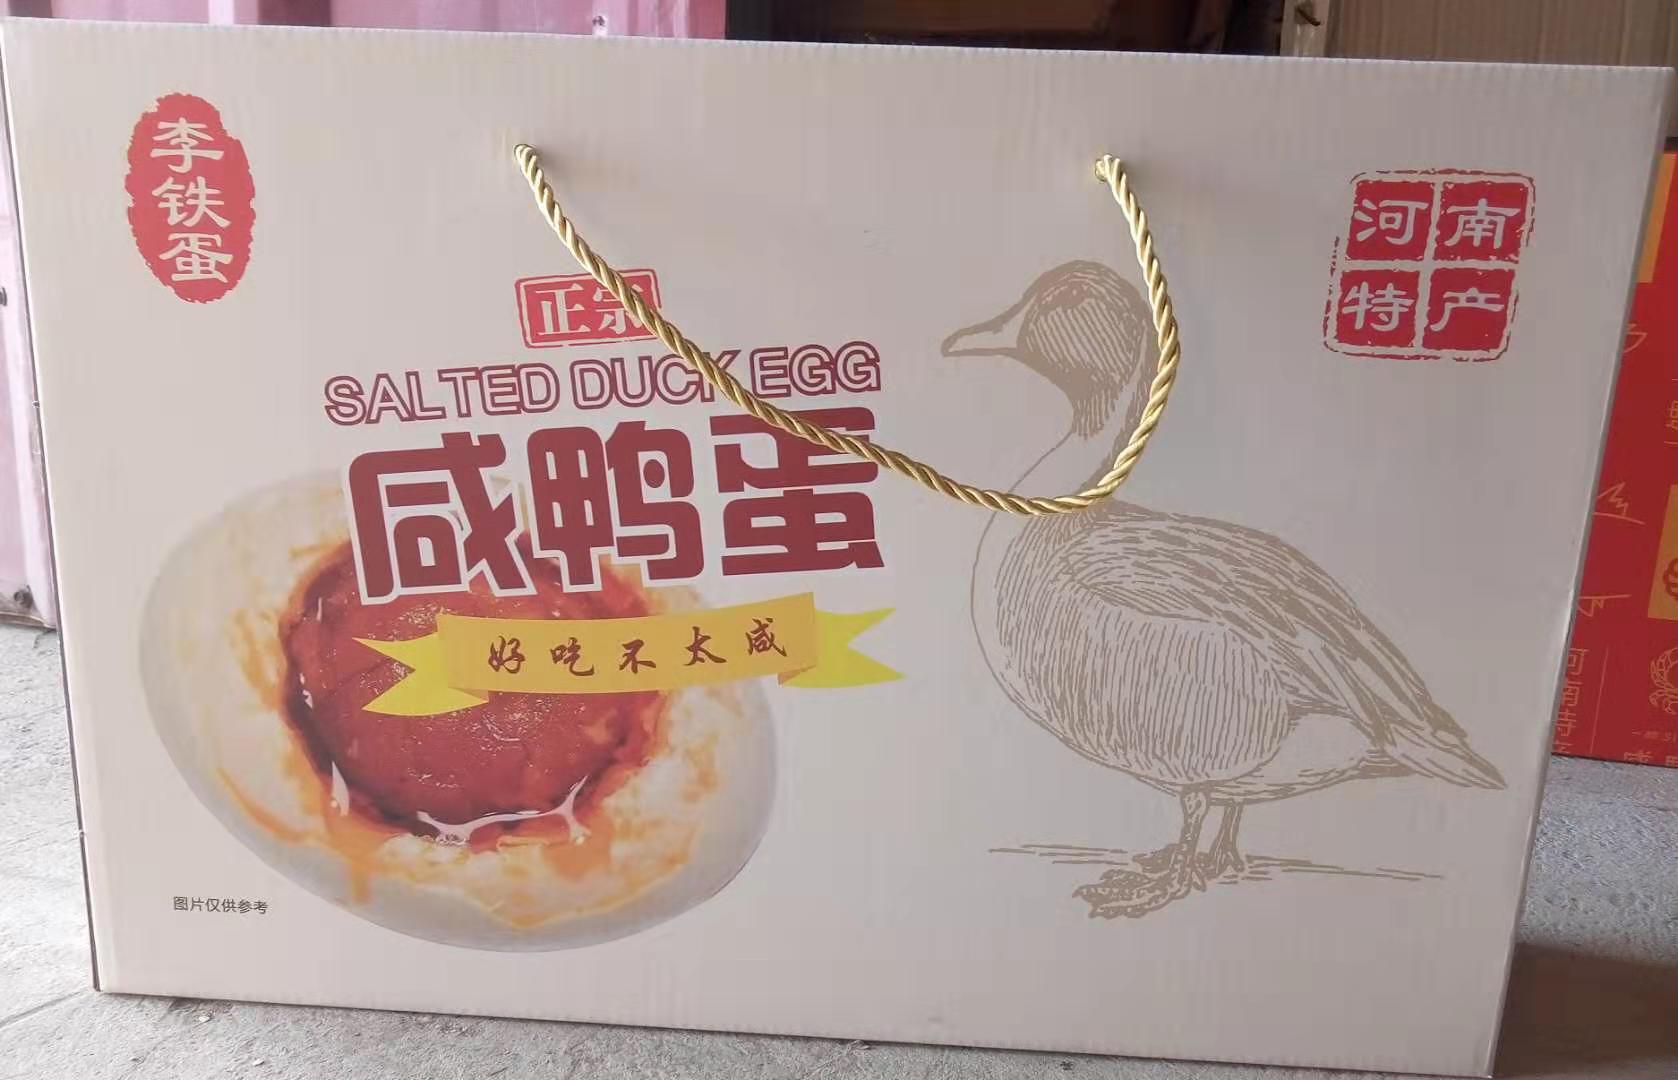 李铁蛋 优质流油咸鸭蛋礼盒 新一代风味咸鸭蛋 企业团购年货福利